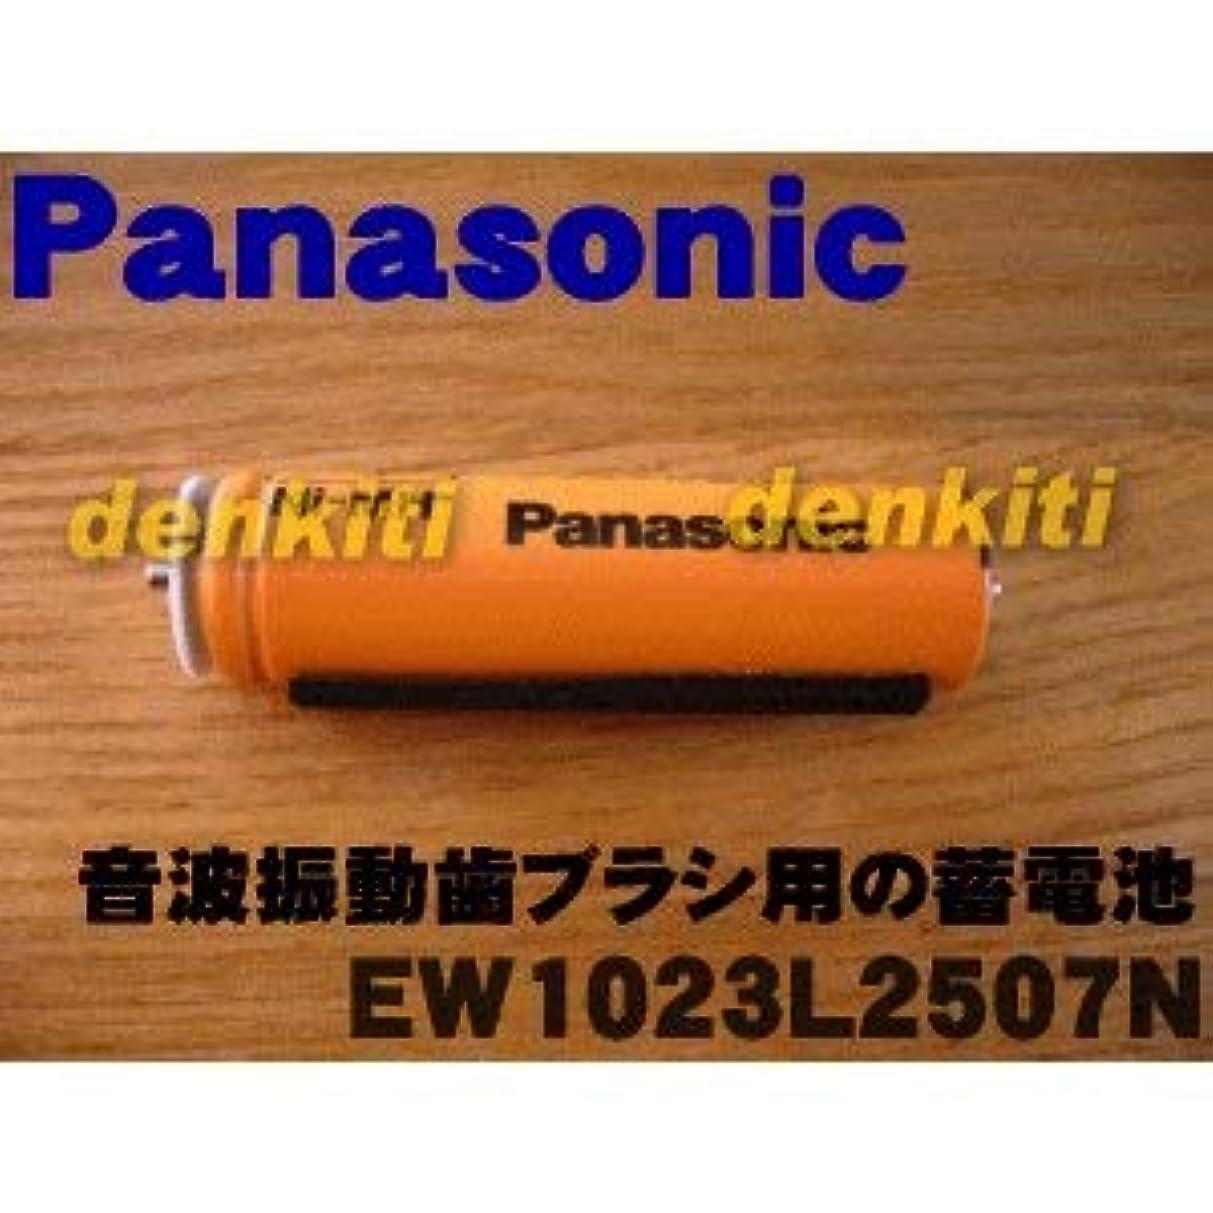 【ゆうパケット対応品】 パナソニック Panasonic 音波振動ハブラシ Doltz 蓄電池交換用蓄電池 EW1023L2507N